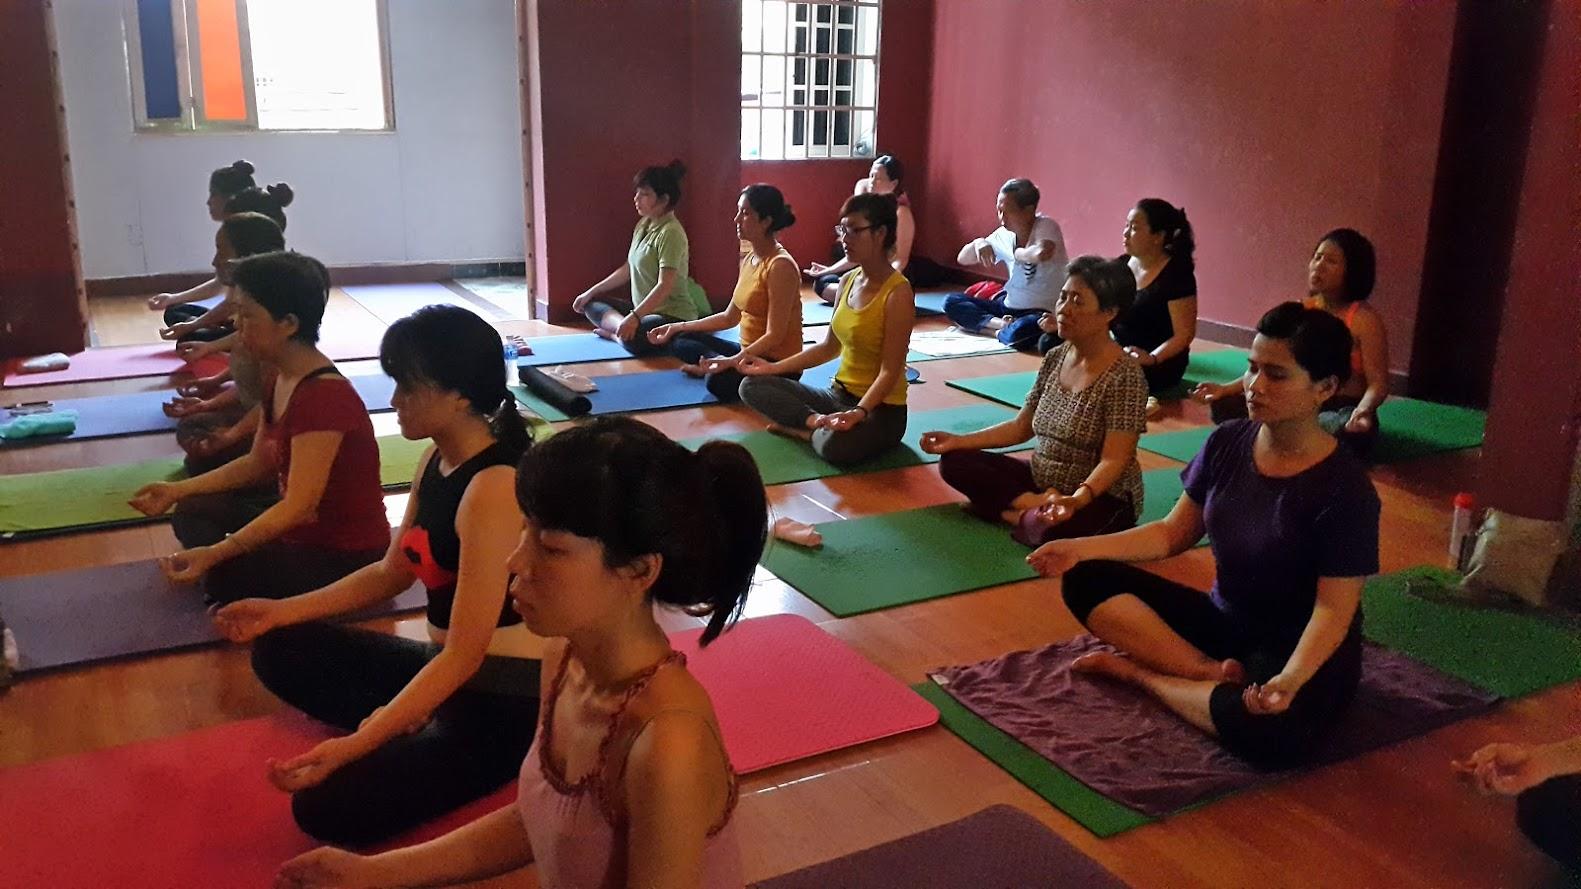 Ngồi thiền luyện thở - Ngồi thiền là phương pháp quân bình tâm trí.